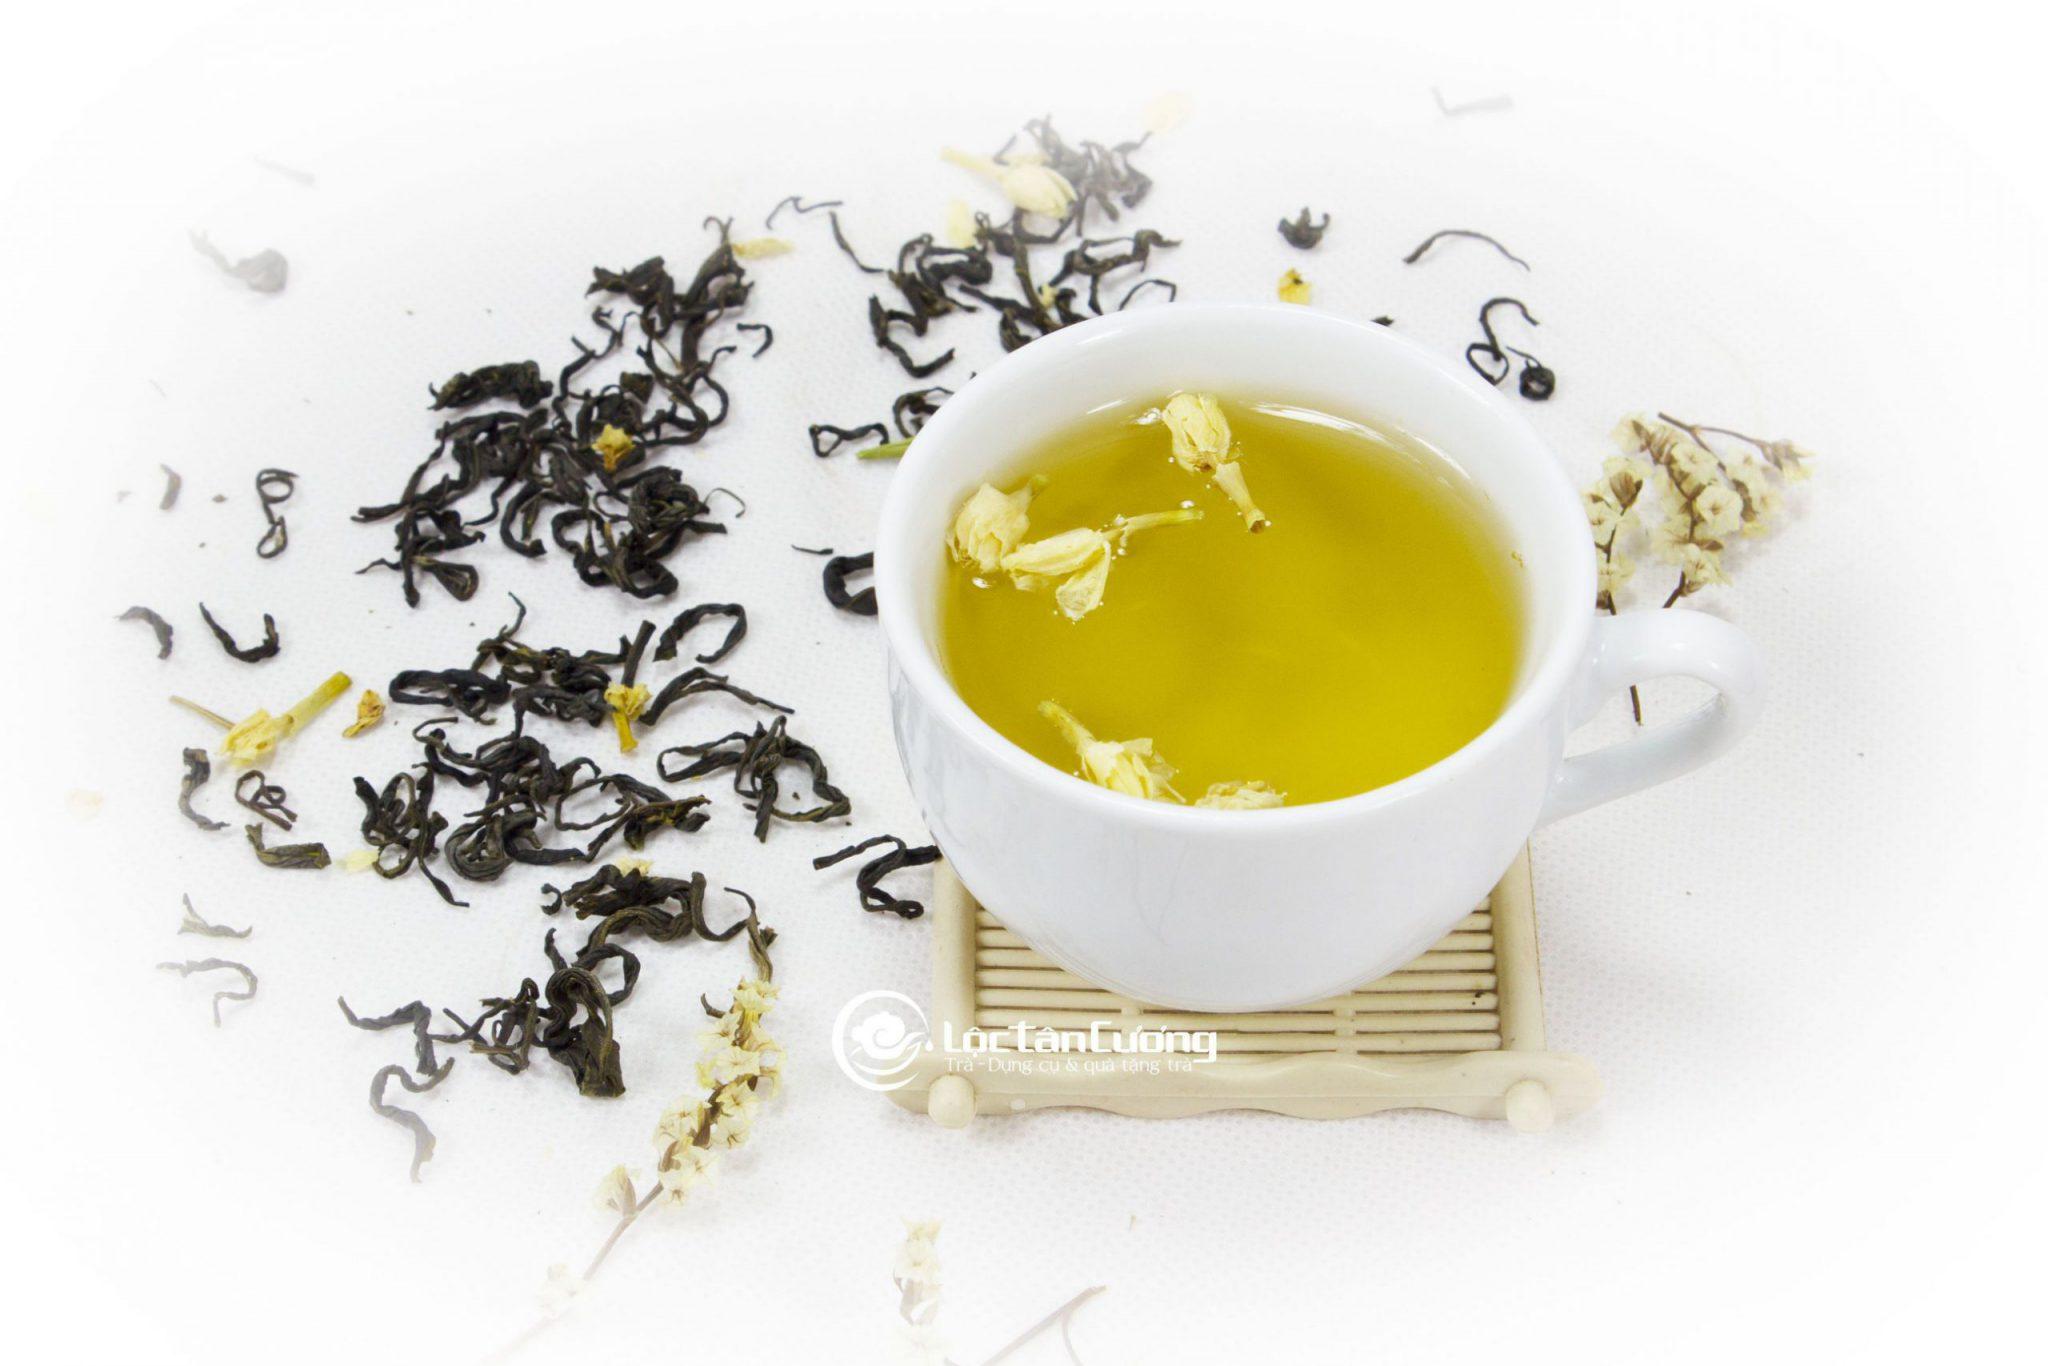 Trà lài ướp hoa tự nhiên - là một trong những loại trà bắc ướp hoa được ưu chuộng nhất